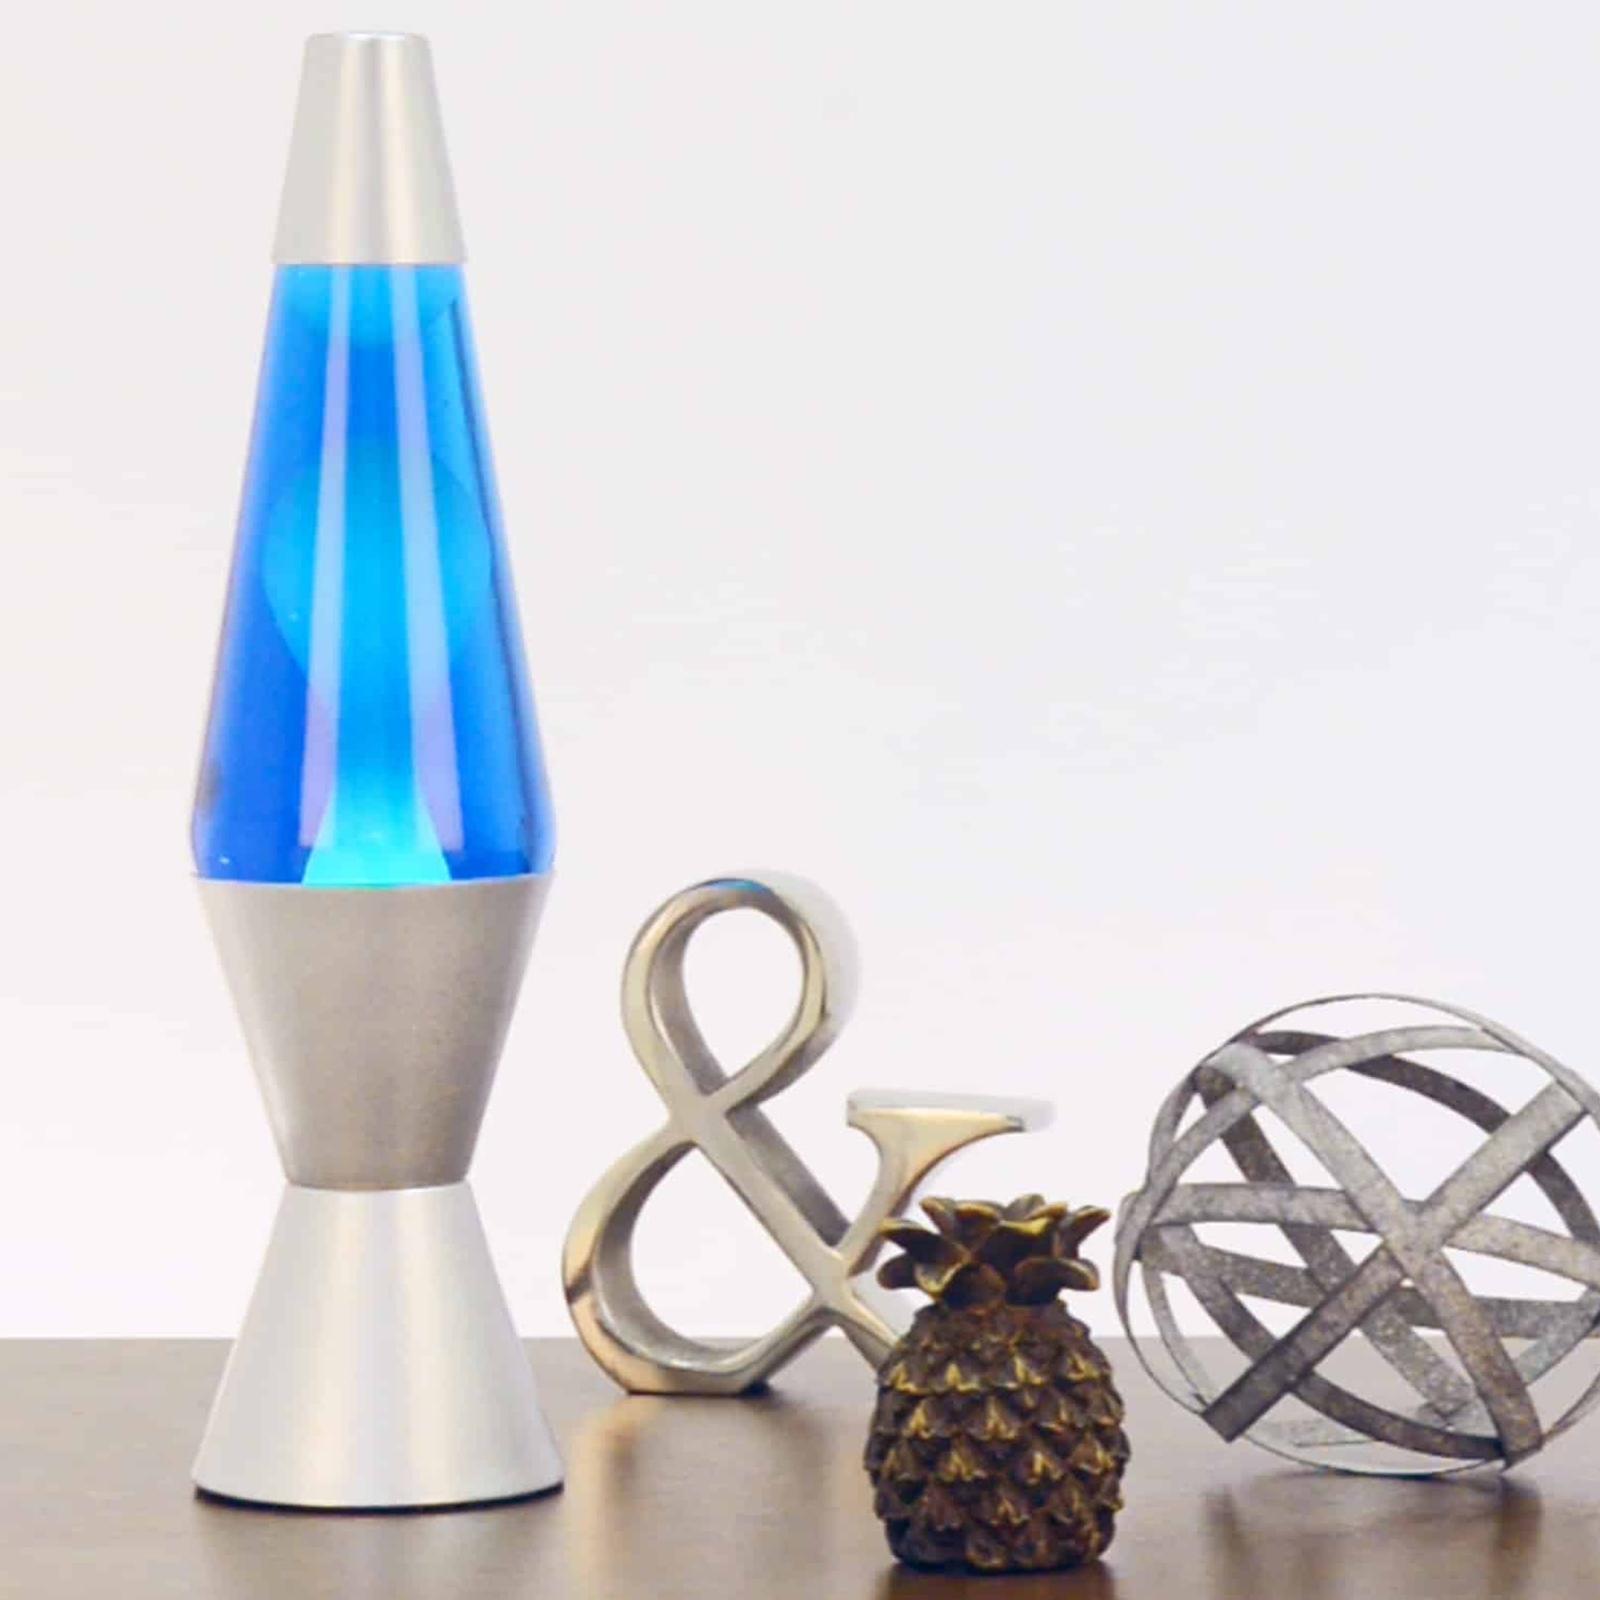 145 Lava Brand Lava Lamp White Blue